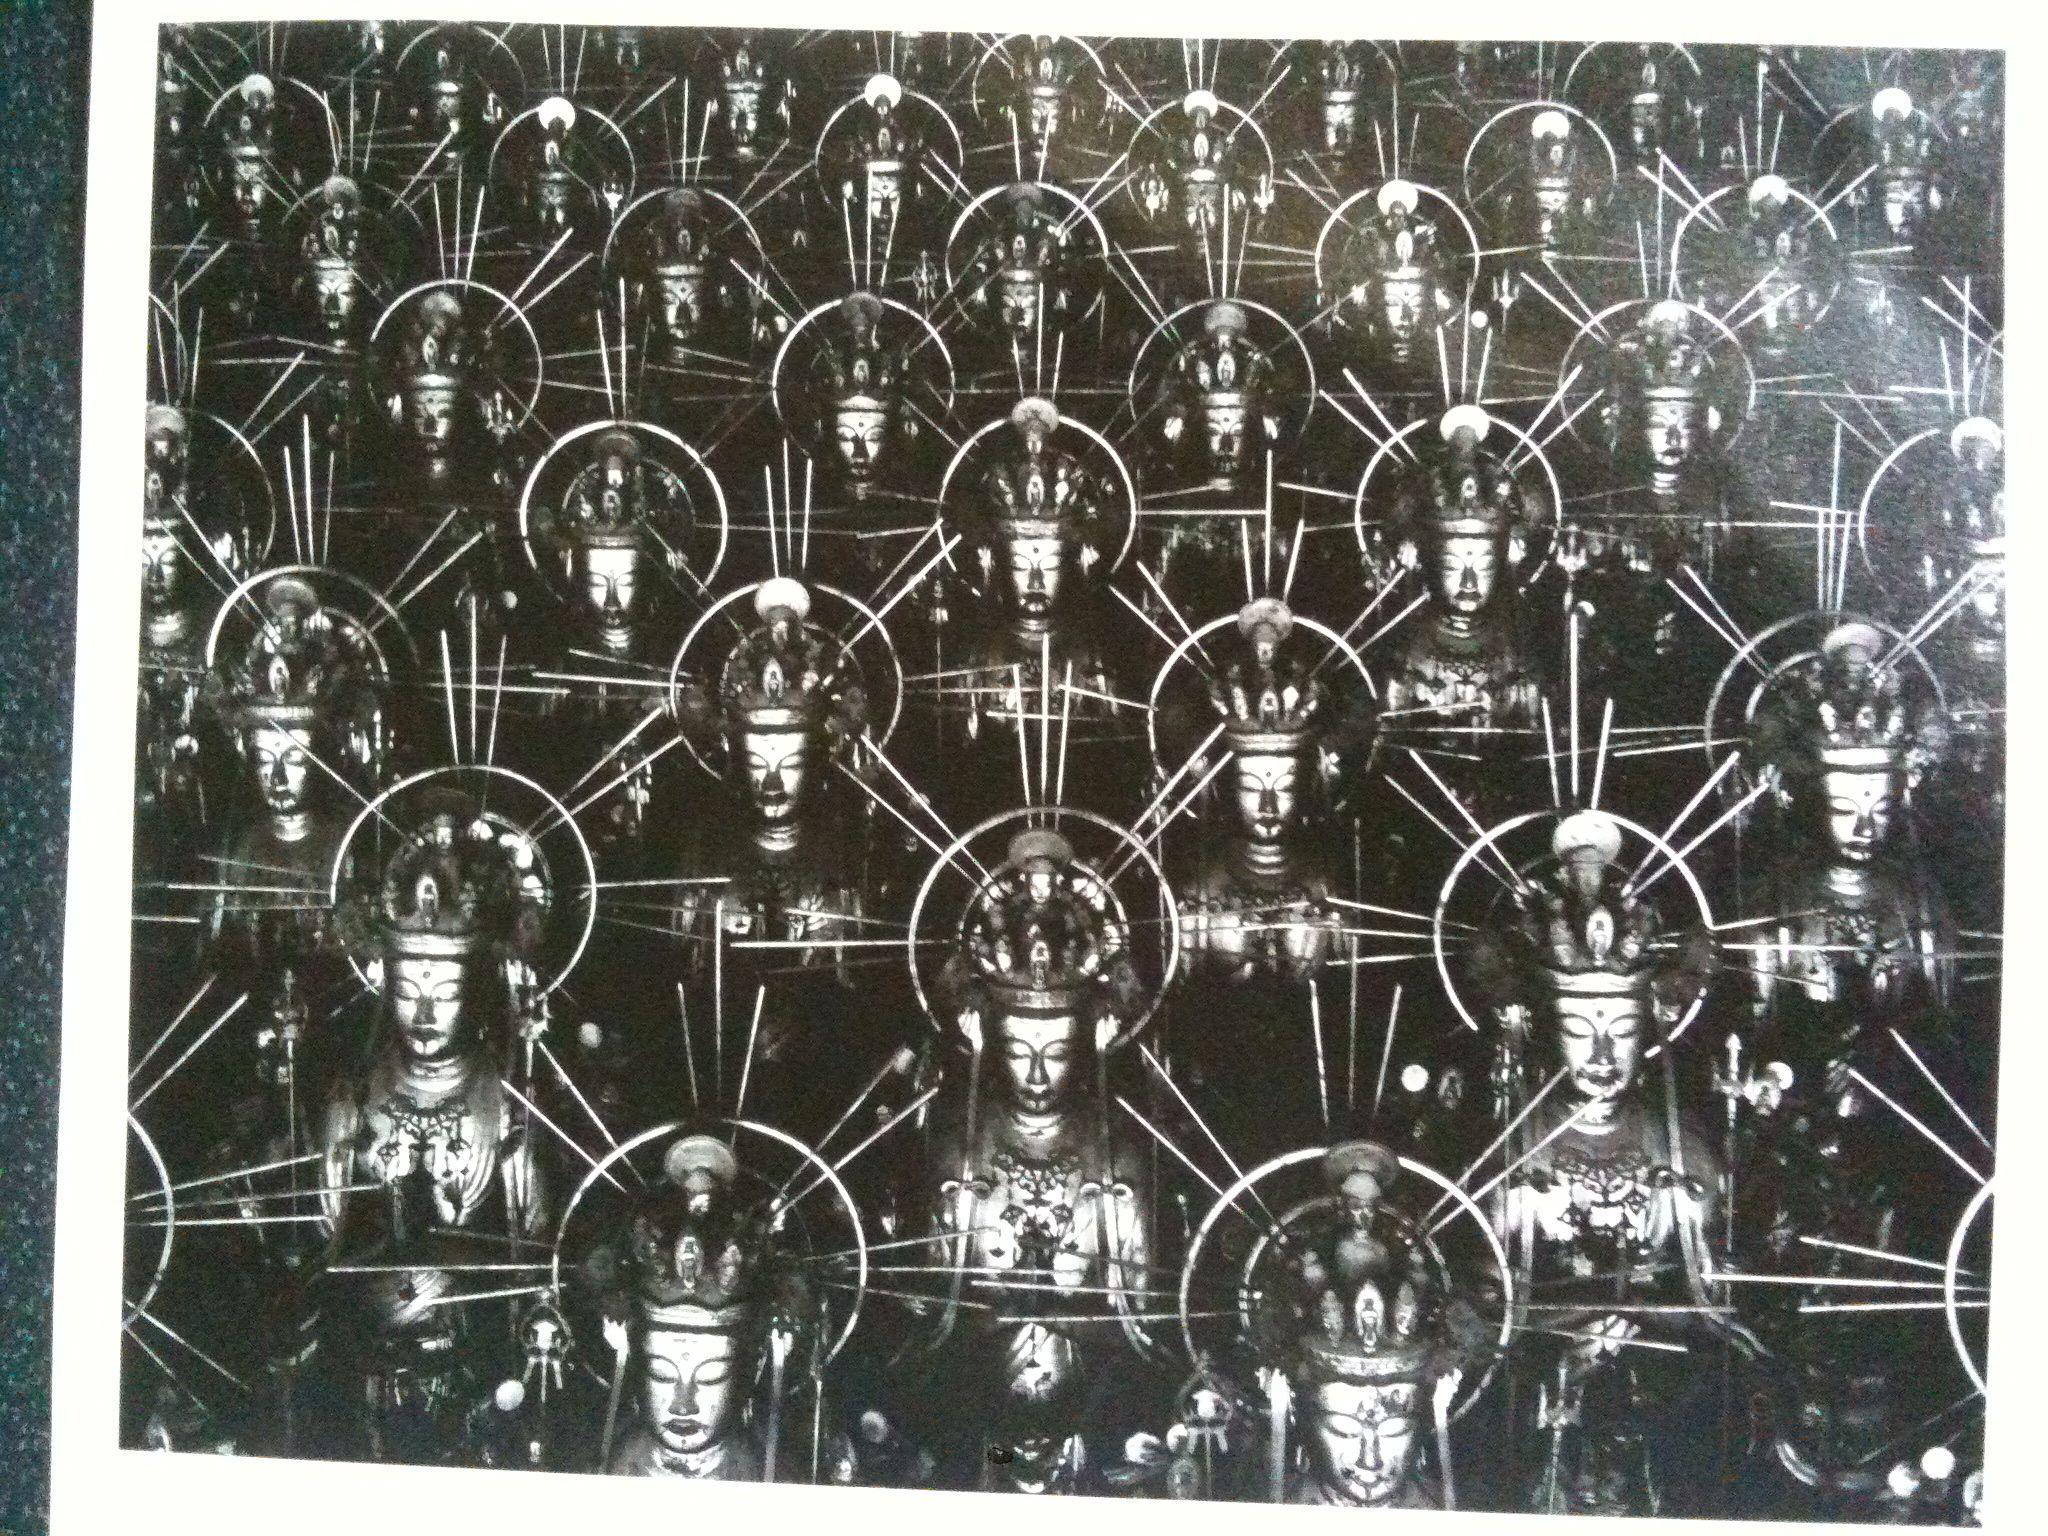 圧倒される。 この巨大な写真がワンフロアにたくさんある。 とても圧倒さ...   杉本博司 ア